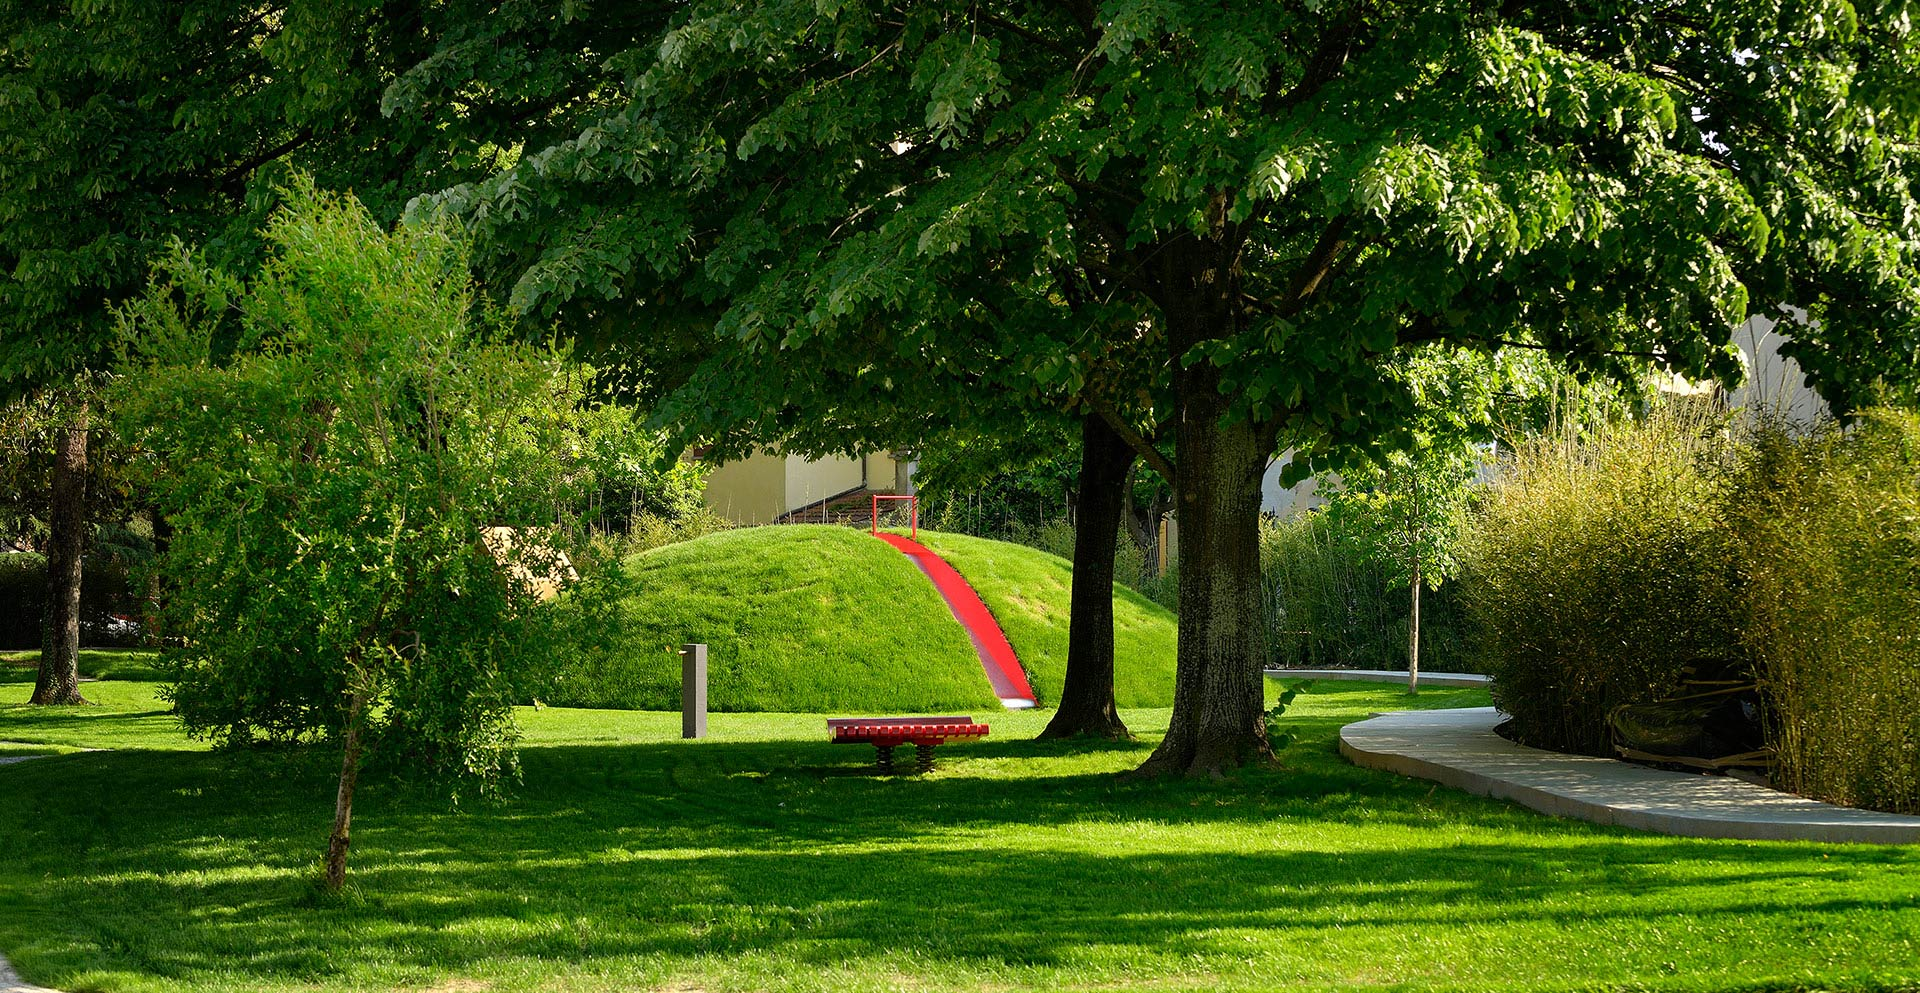 Progettazione giardini aree verdi toscana primanatura giardini - Progettazione giardini ...